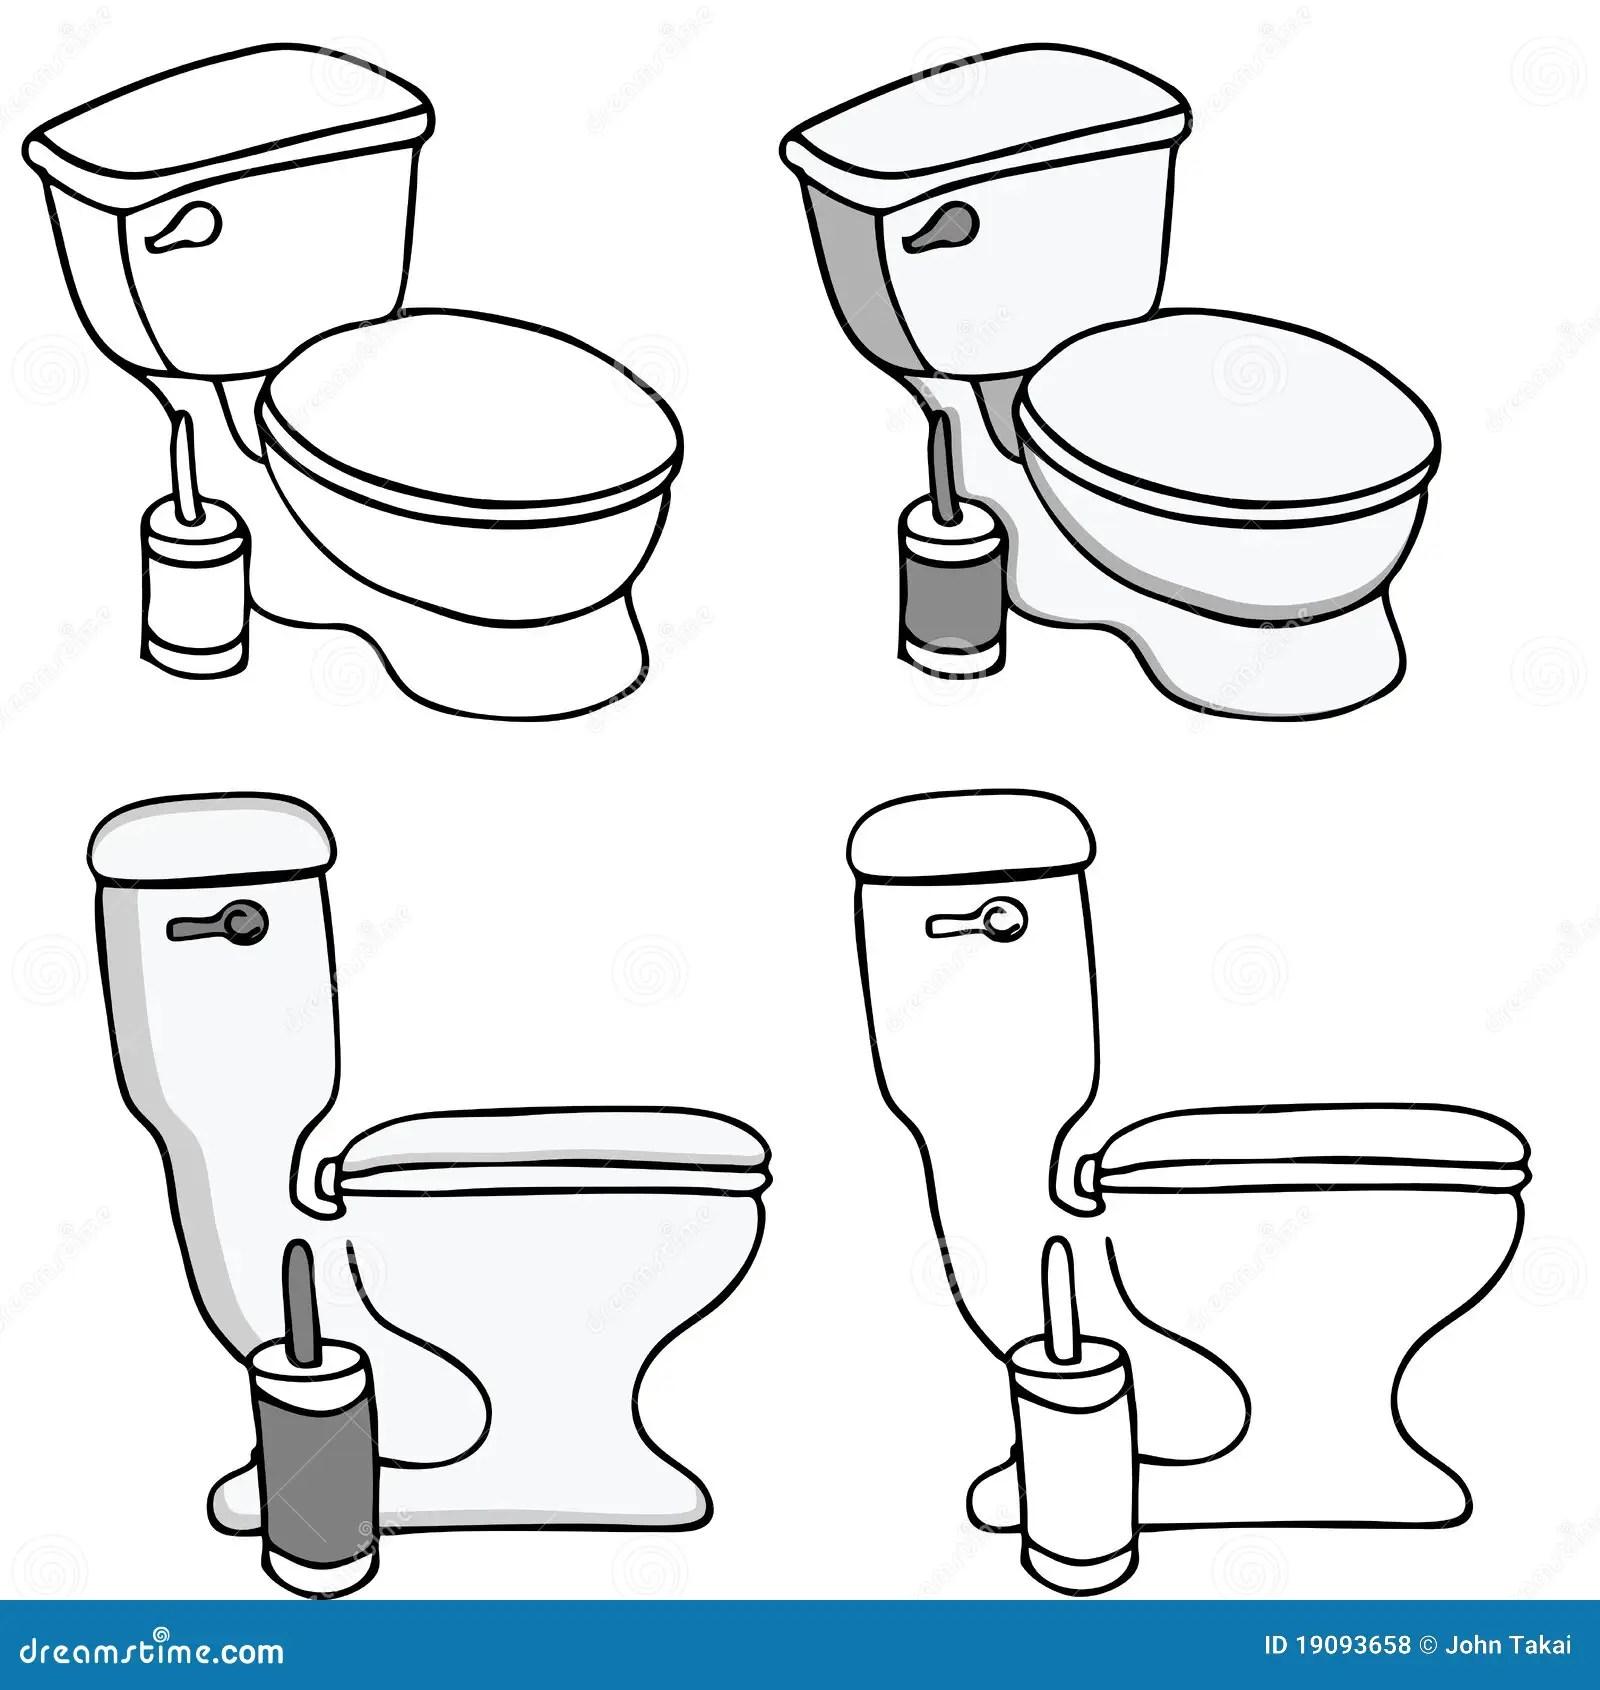 Toilet Commode Set Royalty Free Stock Photos